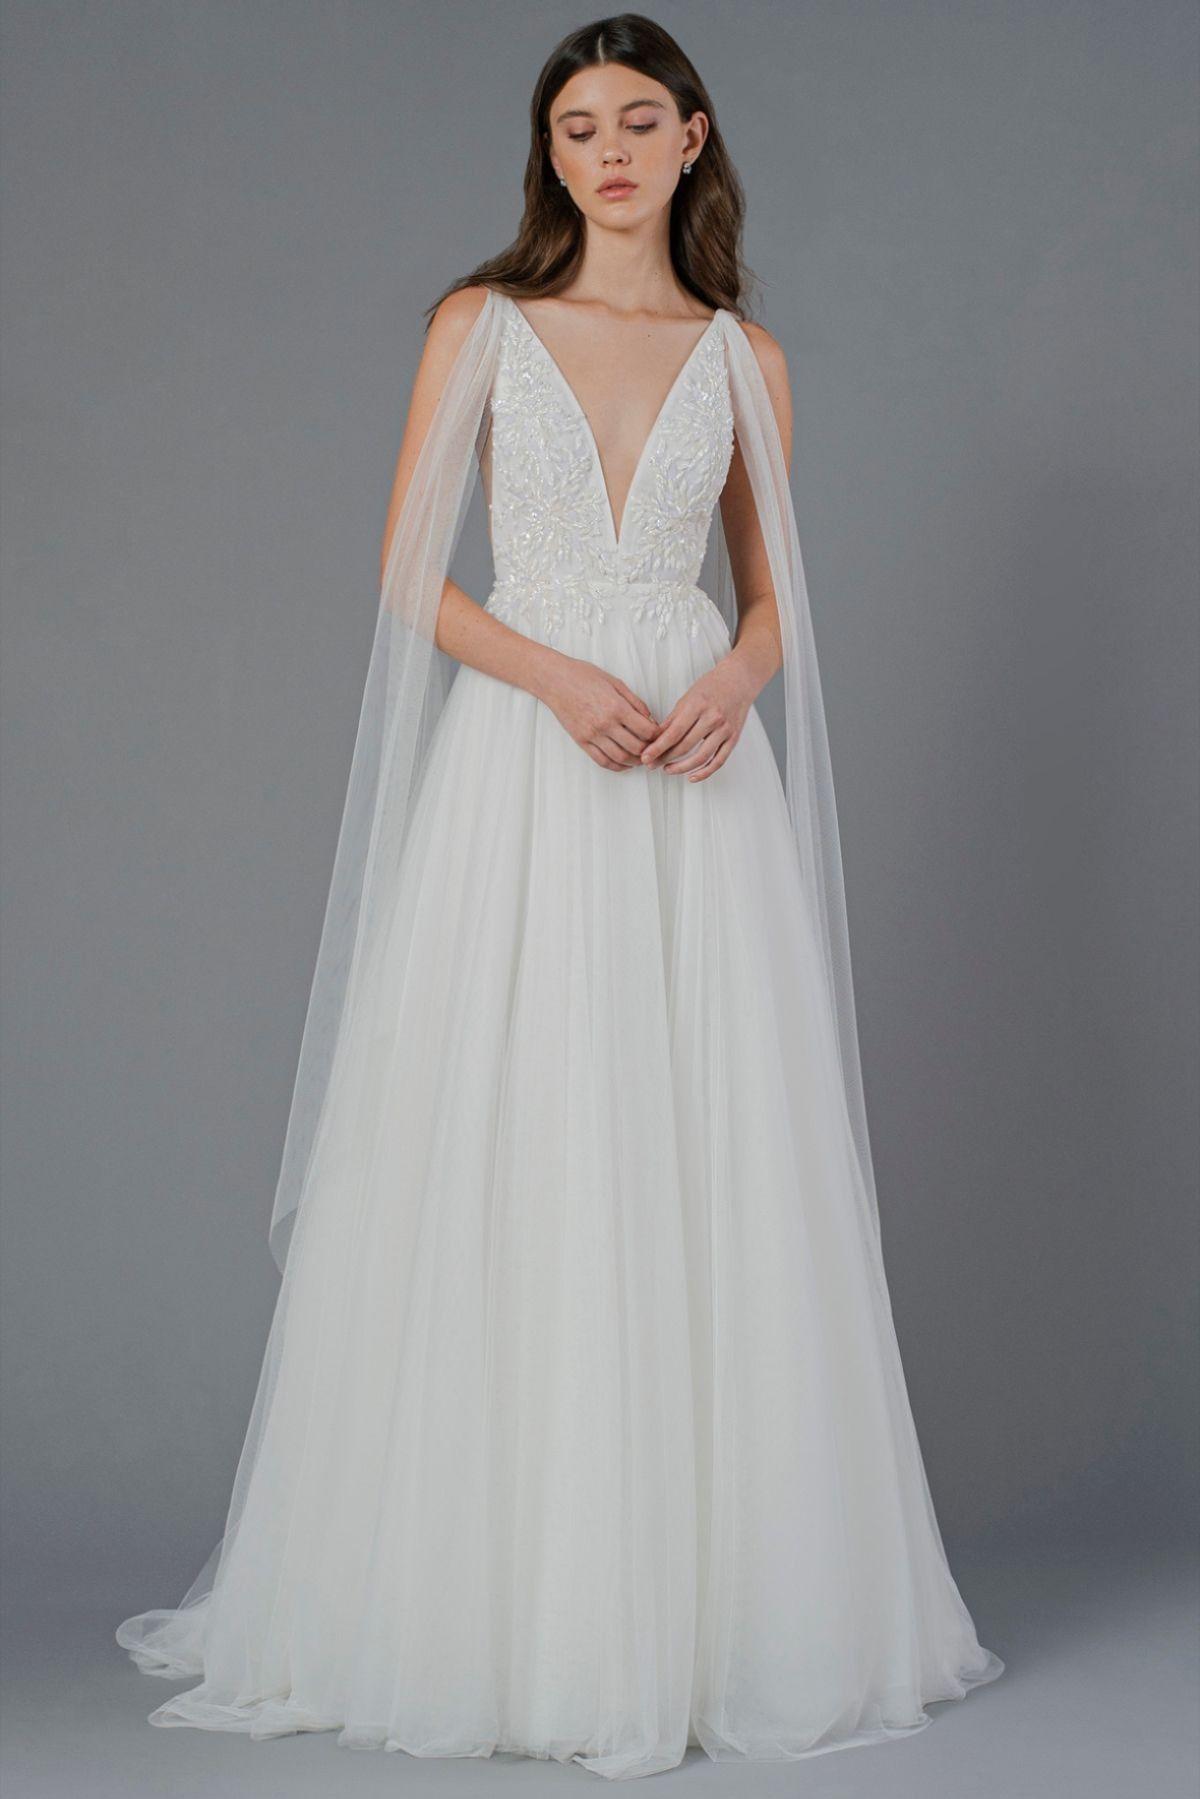 Hayley Paige Lorelei Long Sleeve Ball Gown Wedding Dress Wedding Dresses Kleinfeld Ball Gown Wedding Dress [ 3792 x 3000 Pixel ]